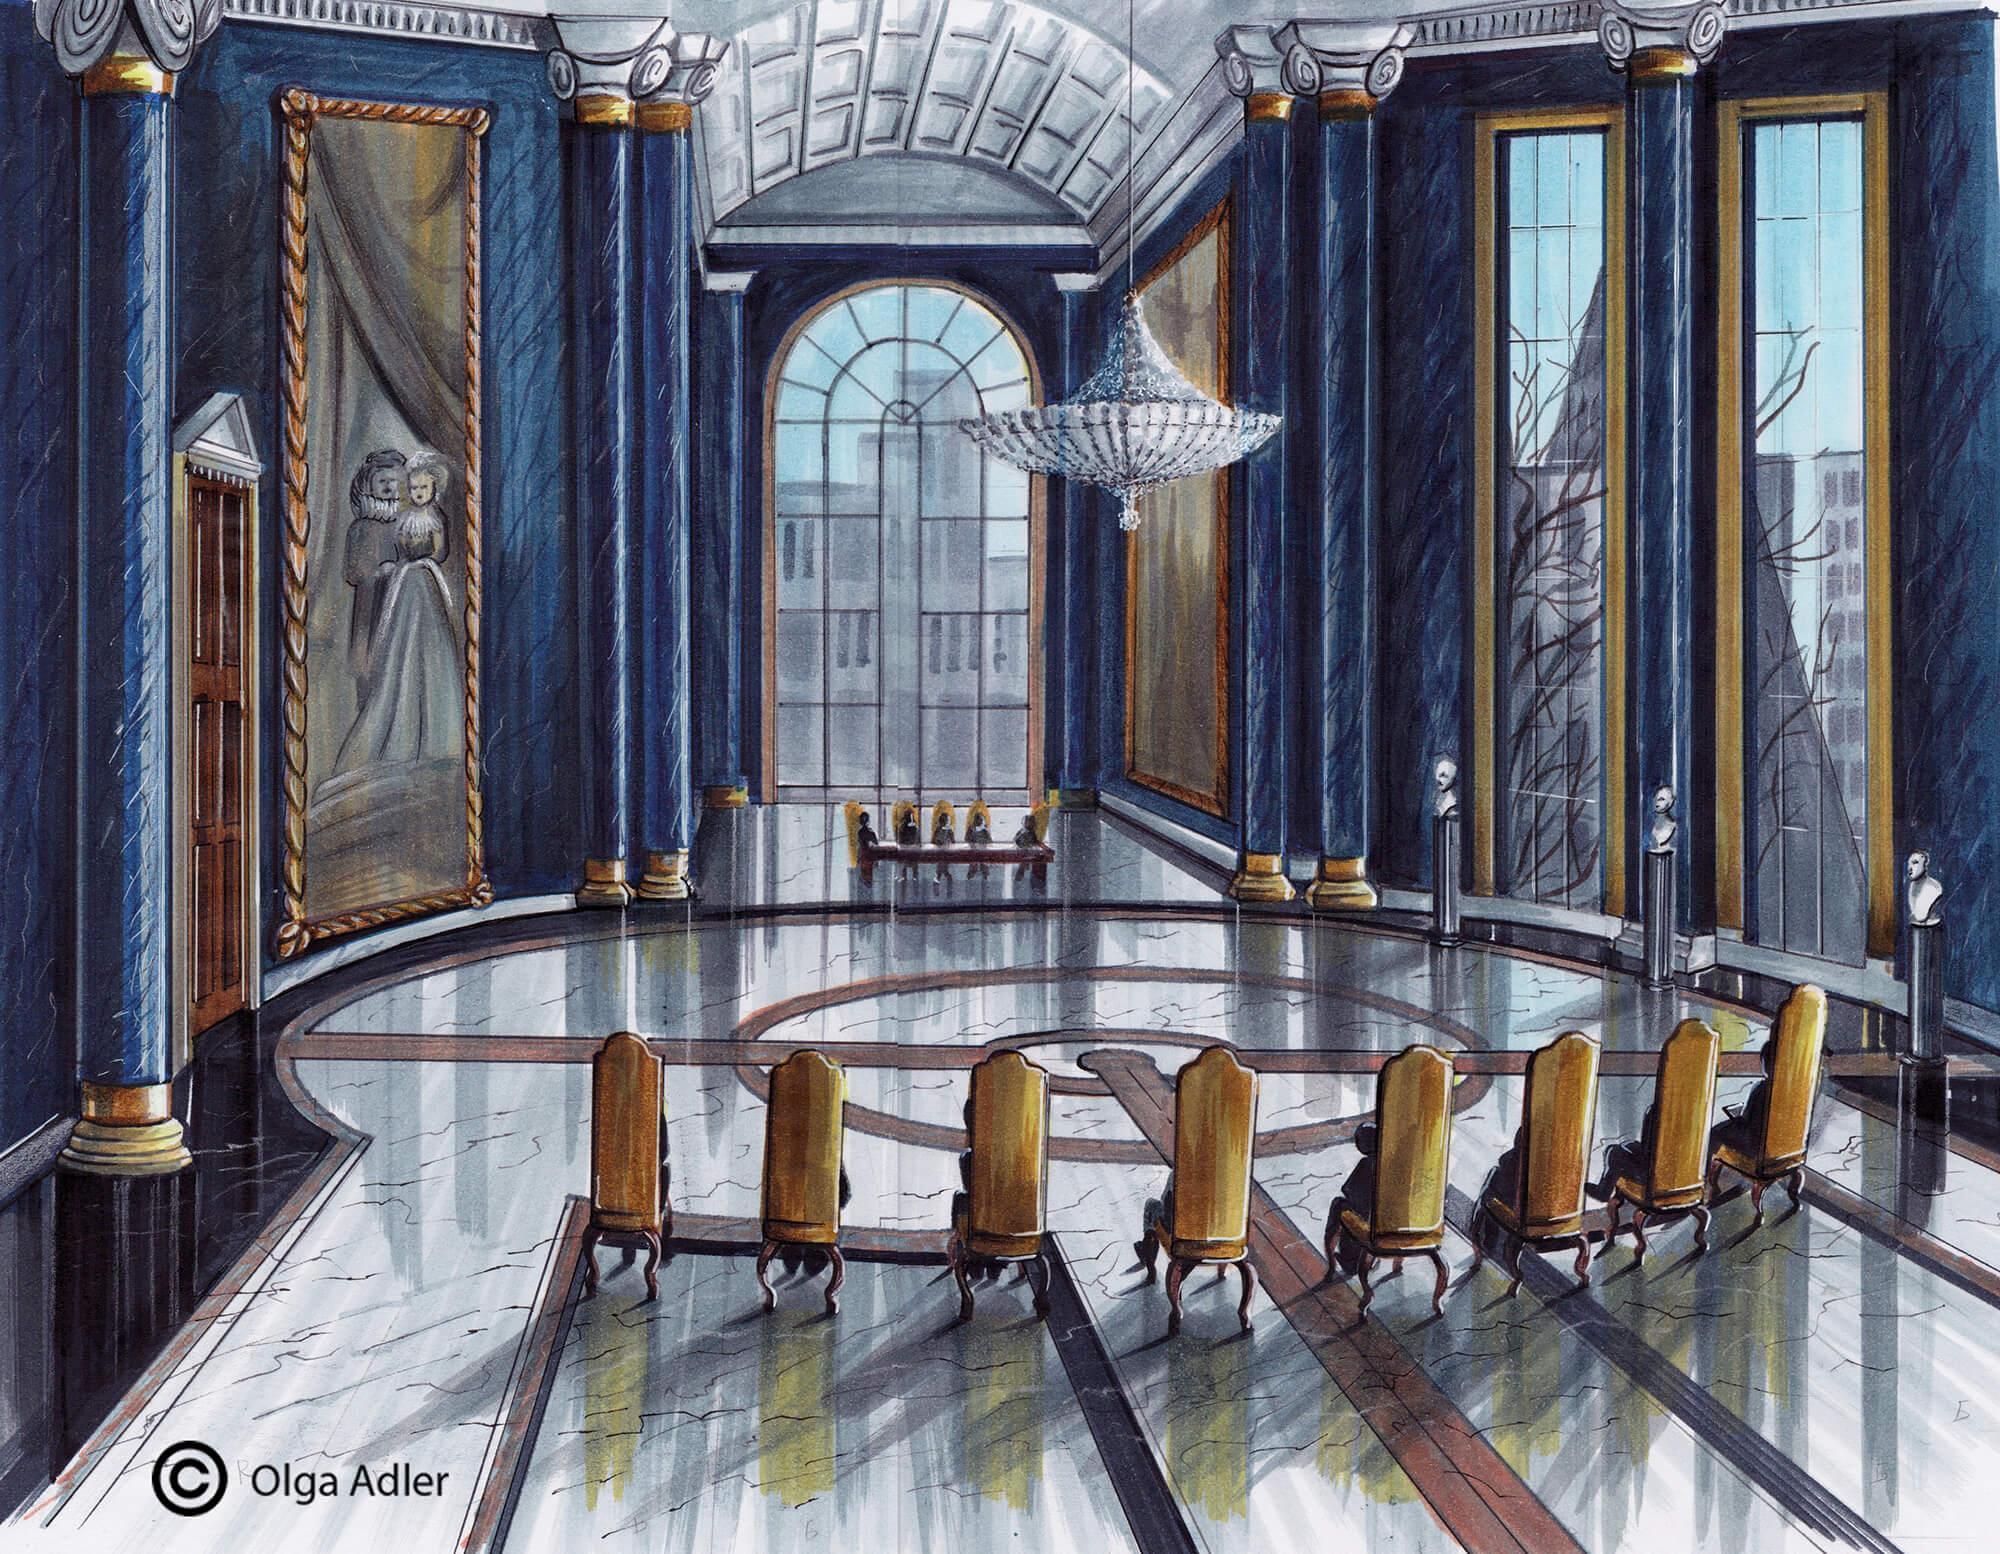 Perspectief tekening grote koningszaal met kroonluchter | Interior Sketch